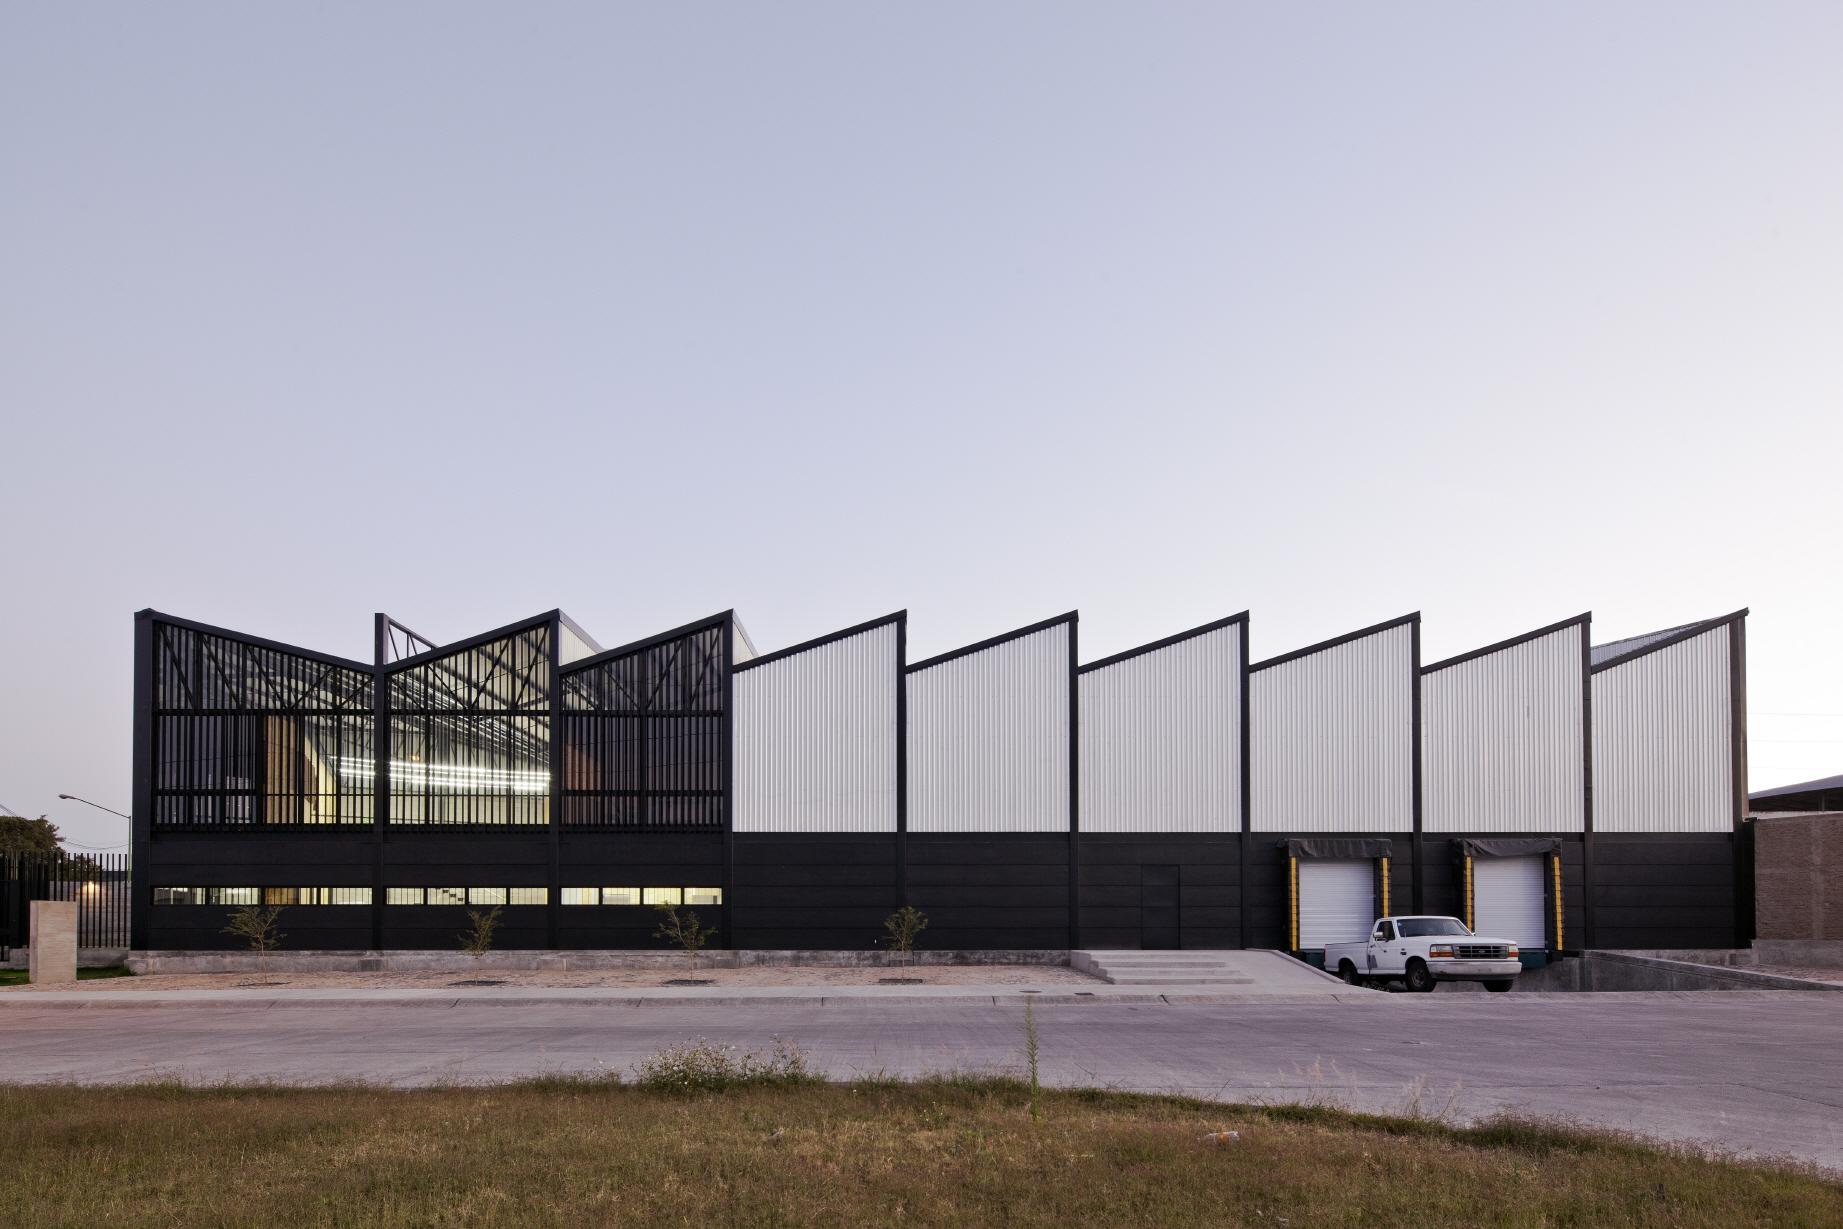 〔안정원의 디자인 칼럼〕 톱니 모양과 비렌딜형 기둥을 활용한 창고형 오피스 건물